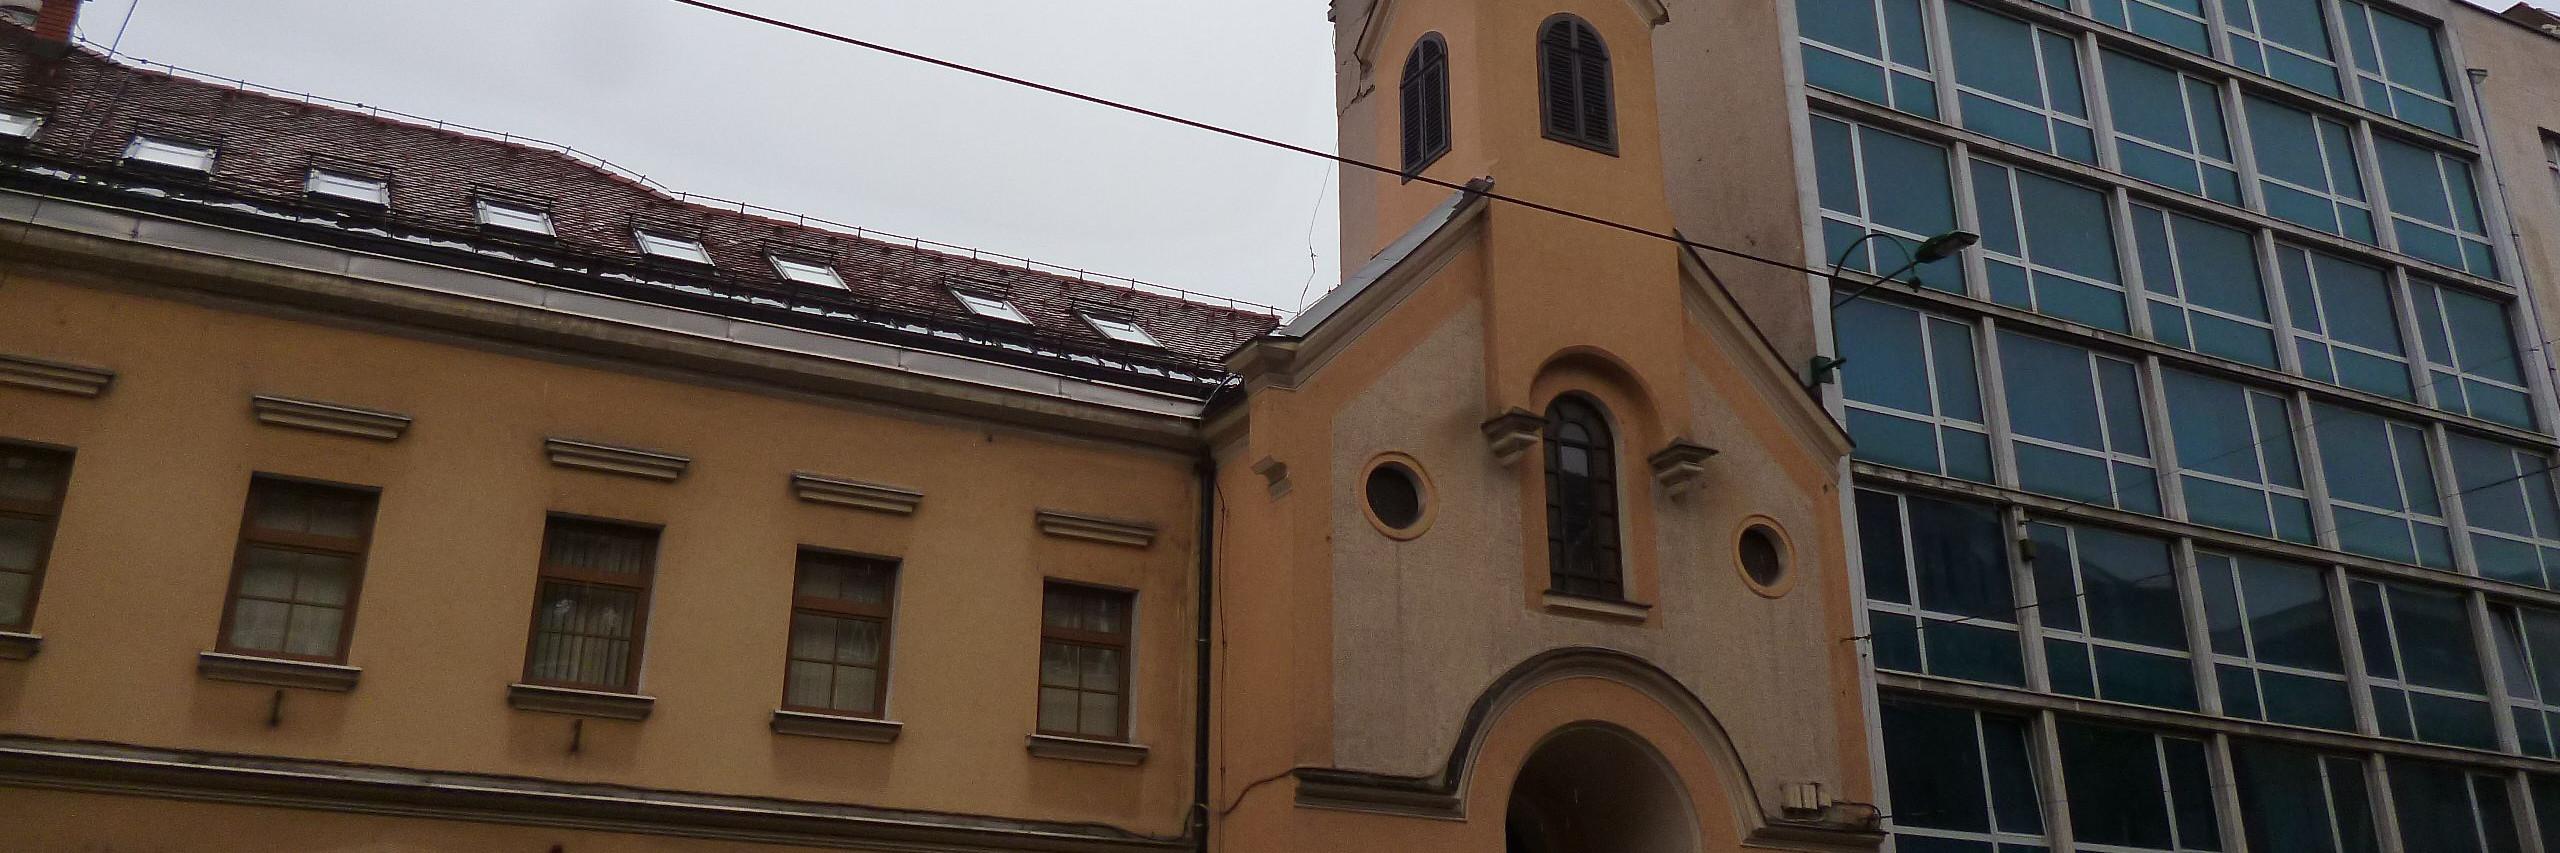 Церковь св. Винко Паульского